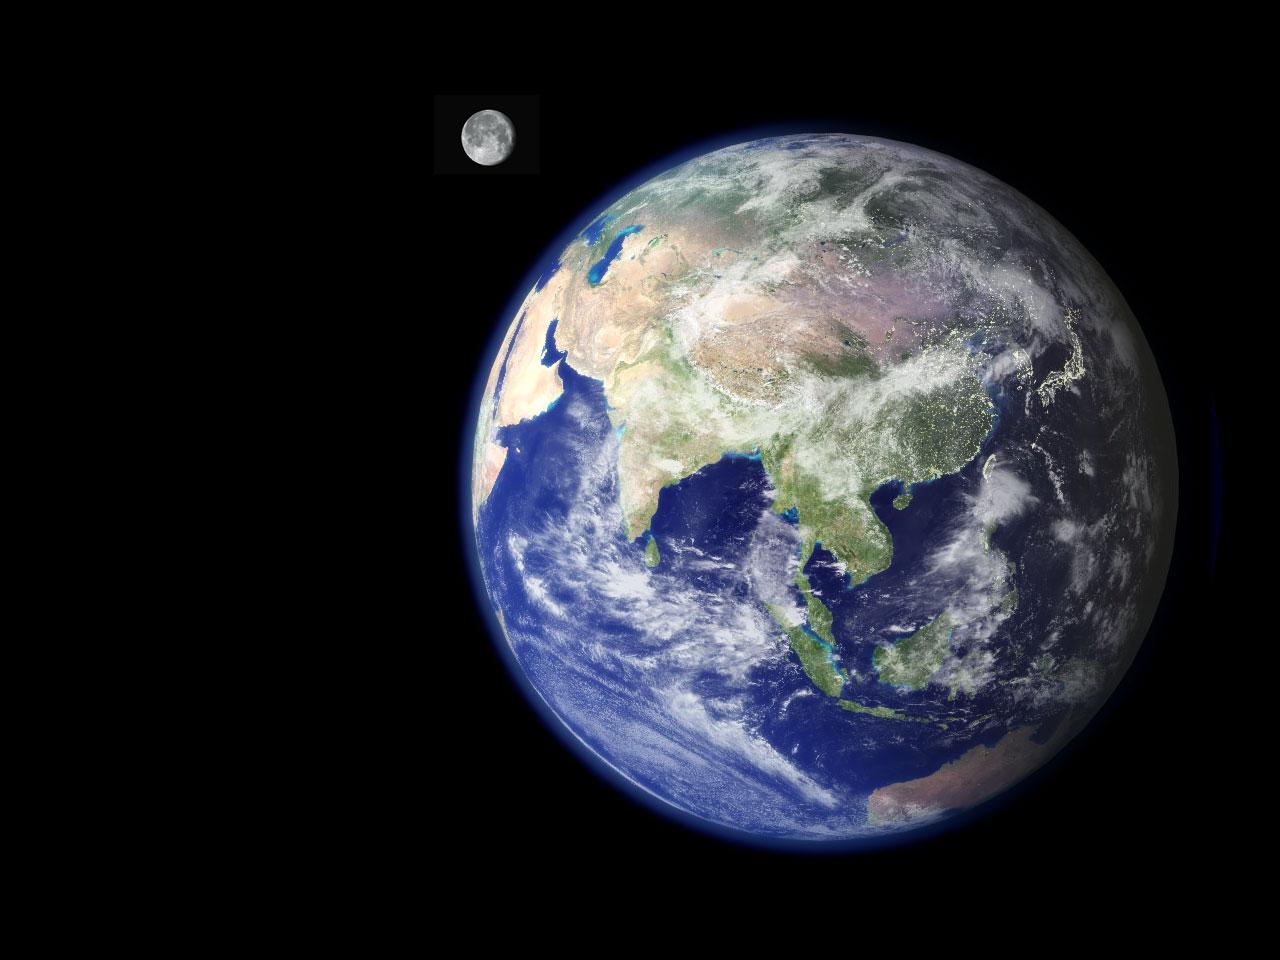 http://3.bp.blogspot.com/_ZwTrW9XRmT8/TILn6frpb-I/AAAAAAAAAOE/DQoX38i1dxI/s1600/Nasa_earth.jpg